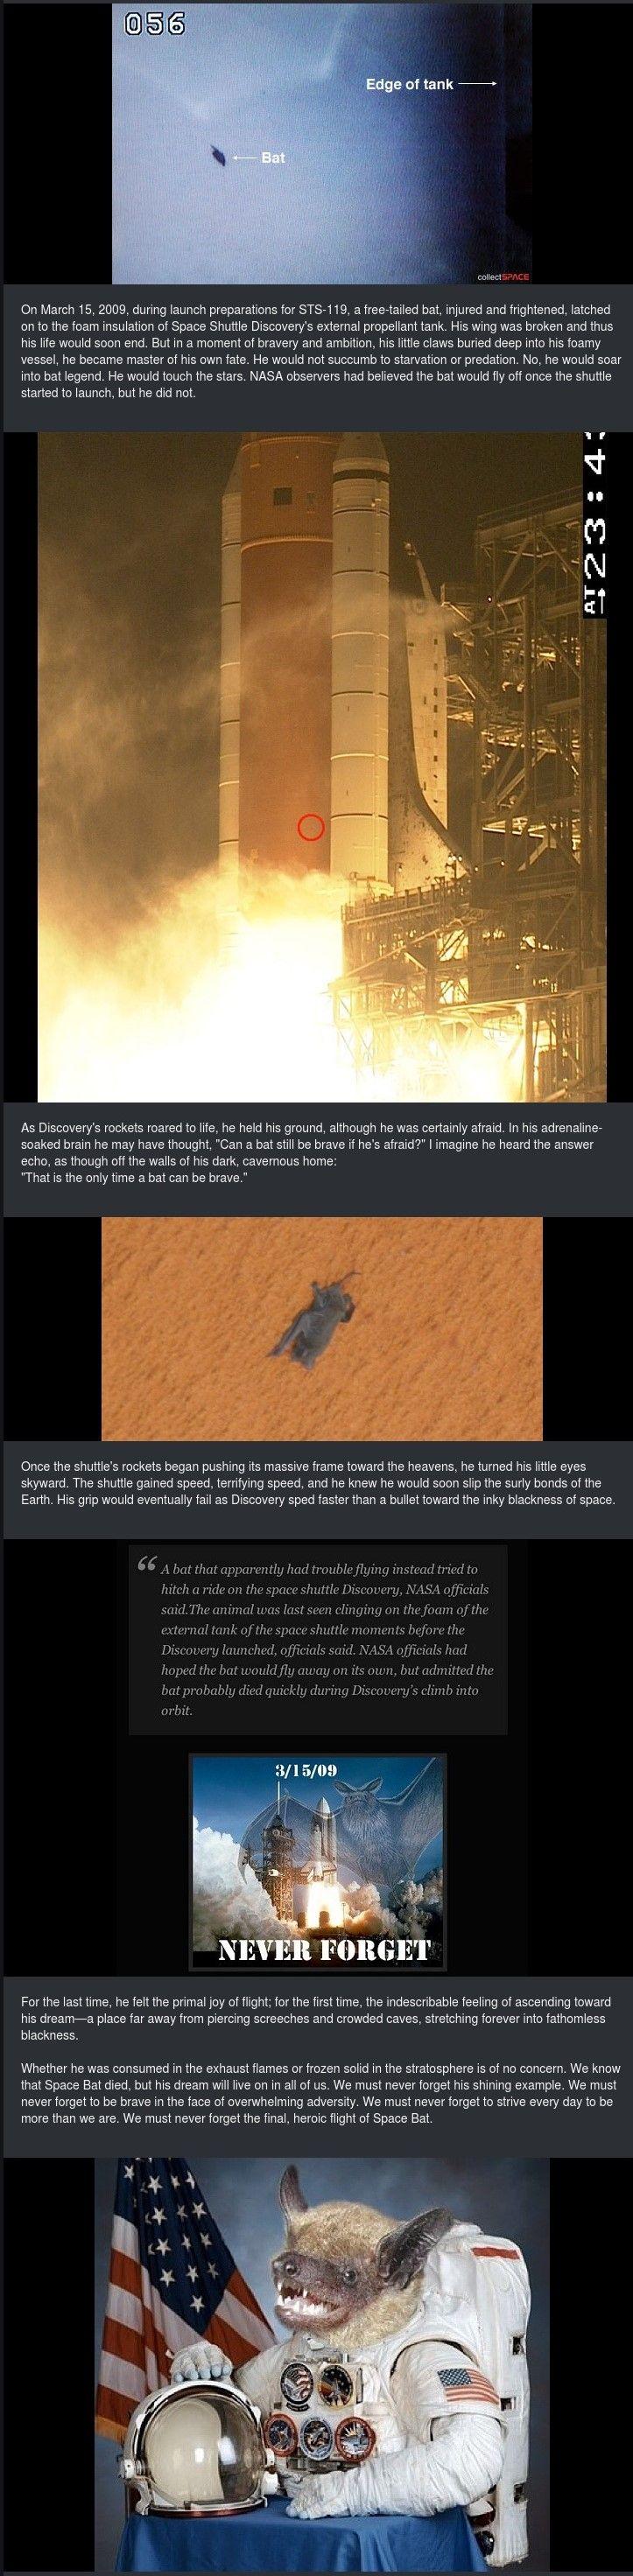 Spacebat!